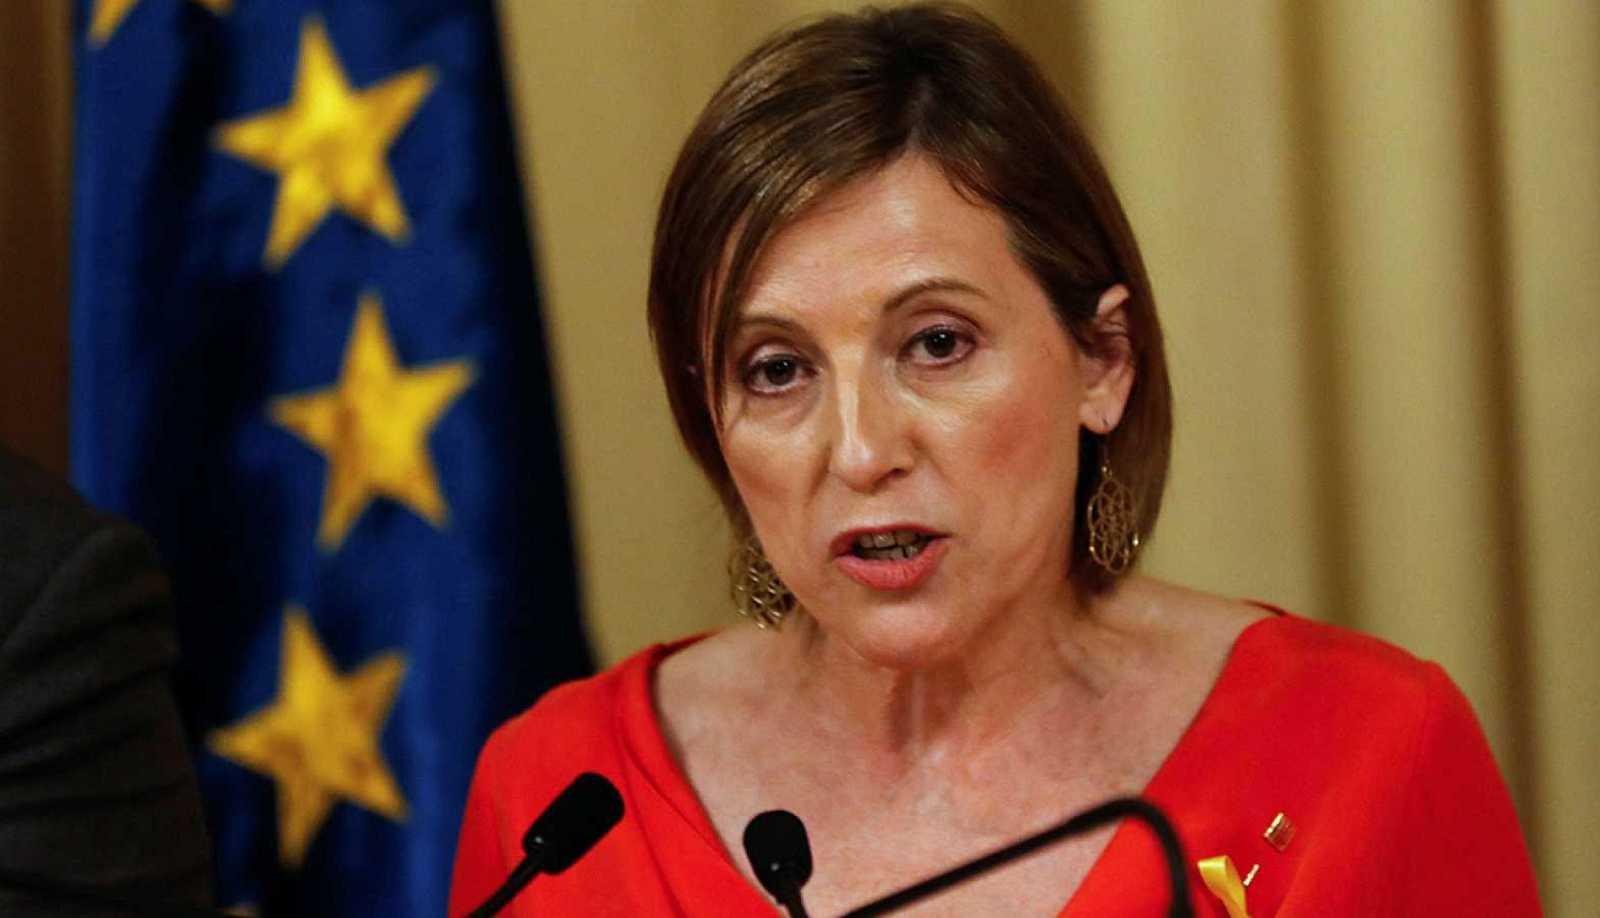 La expresidenta del Parlament de Cataluña Carme Forcadell en una imagen de archivo.